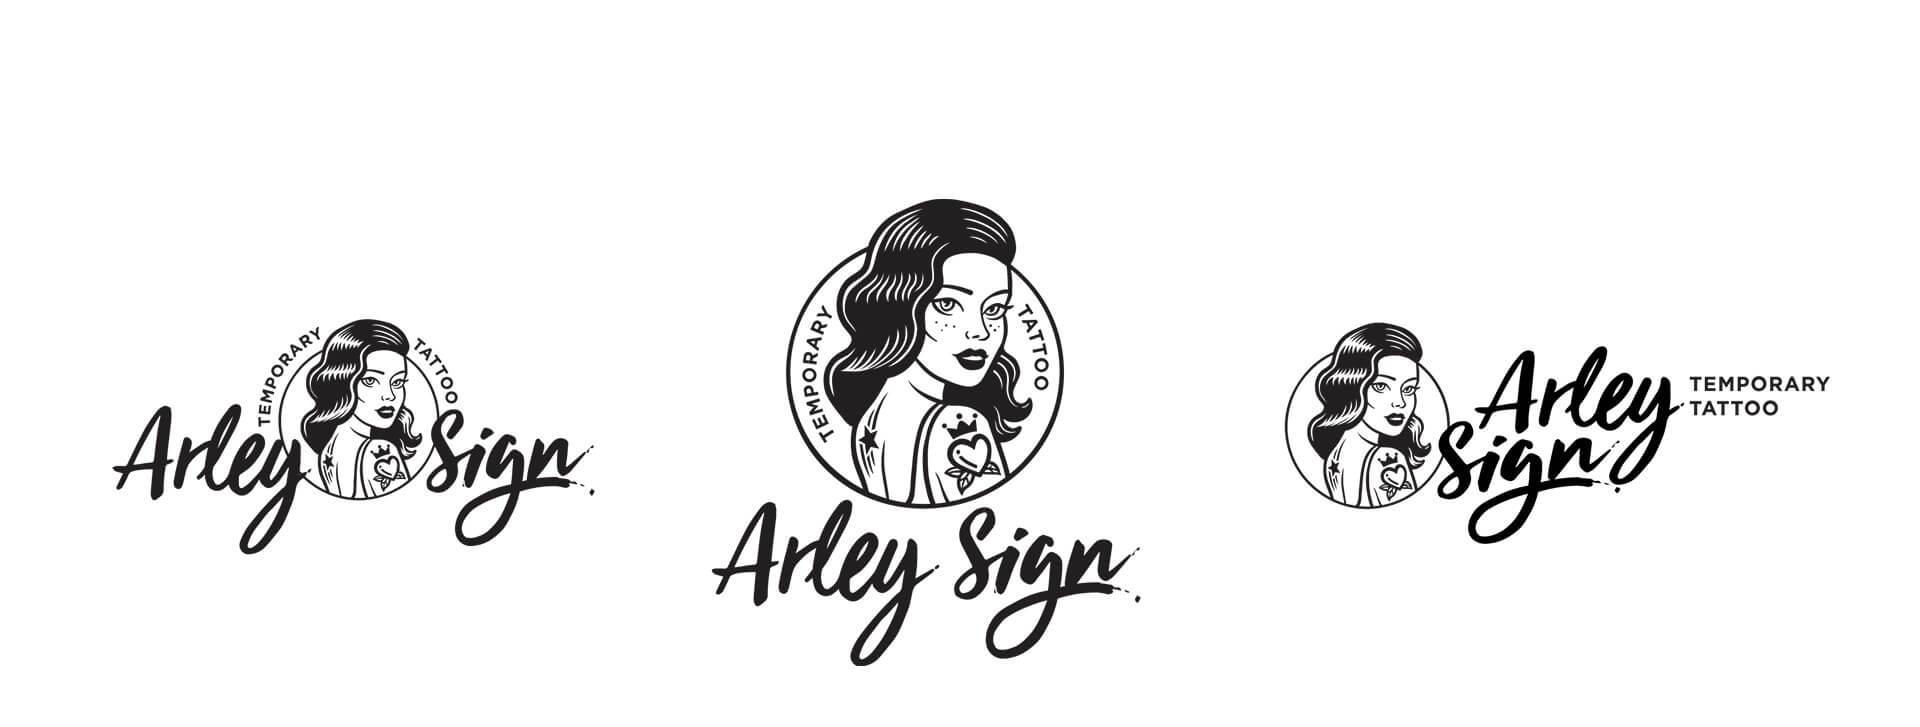 Одноколірна версія логотипа «Arley Sign»